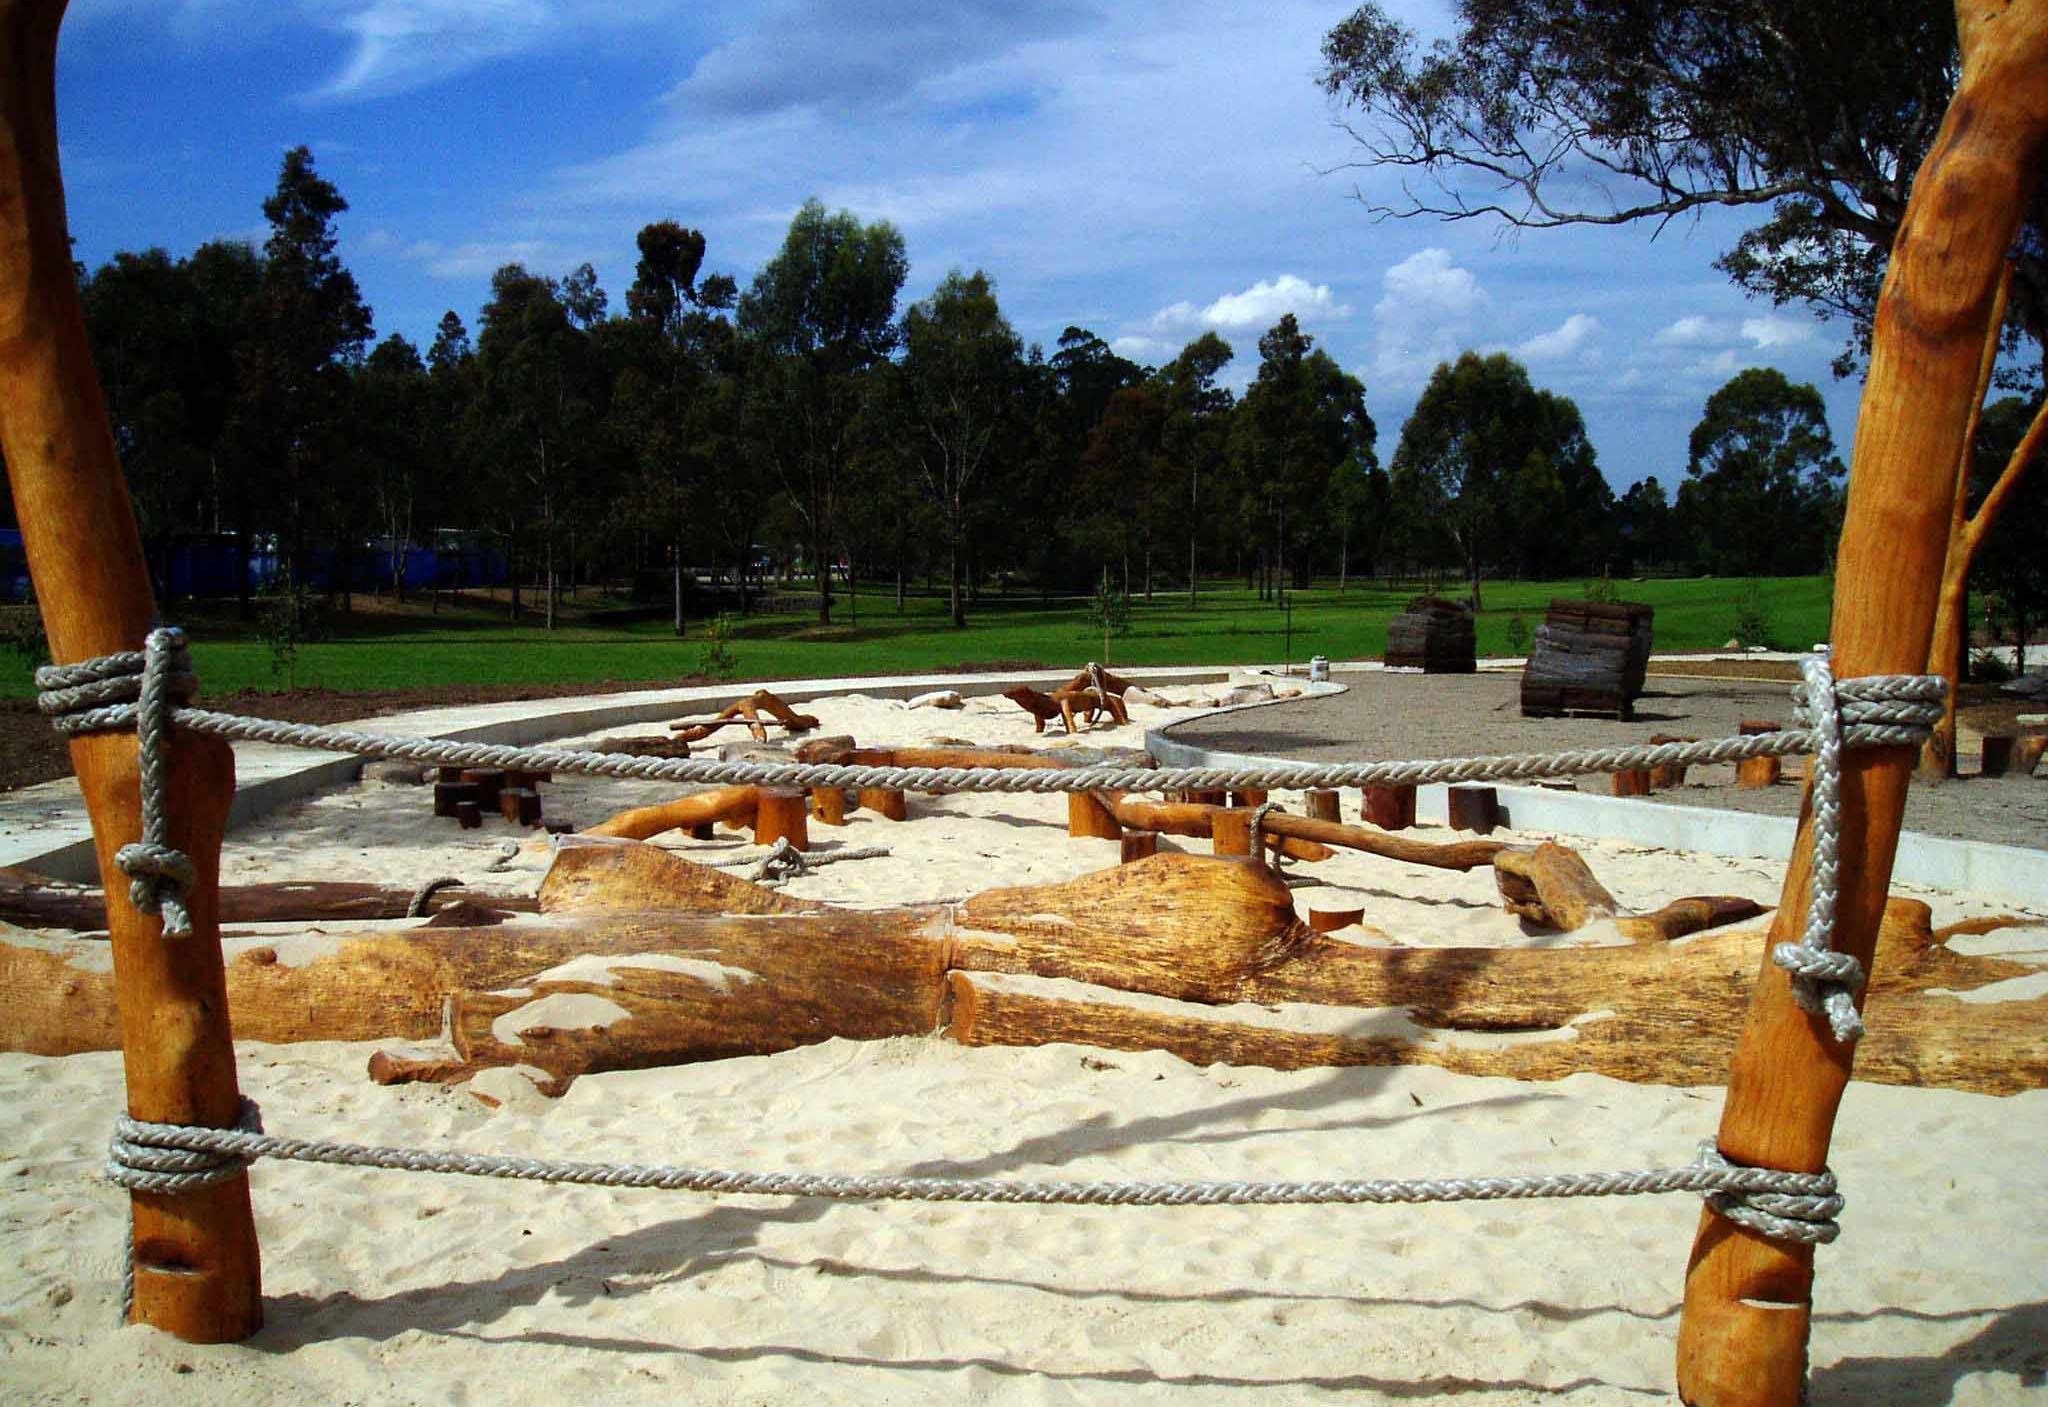 Rope climb and log playground